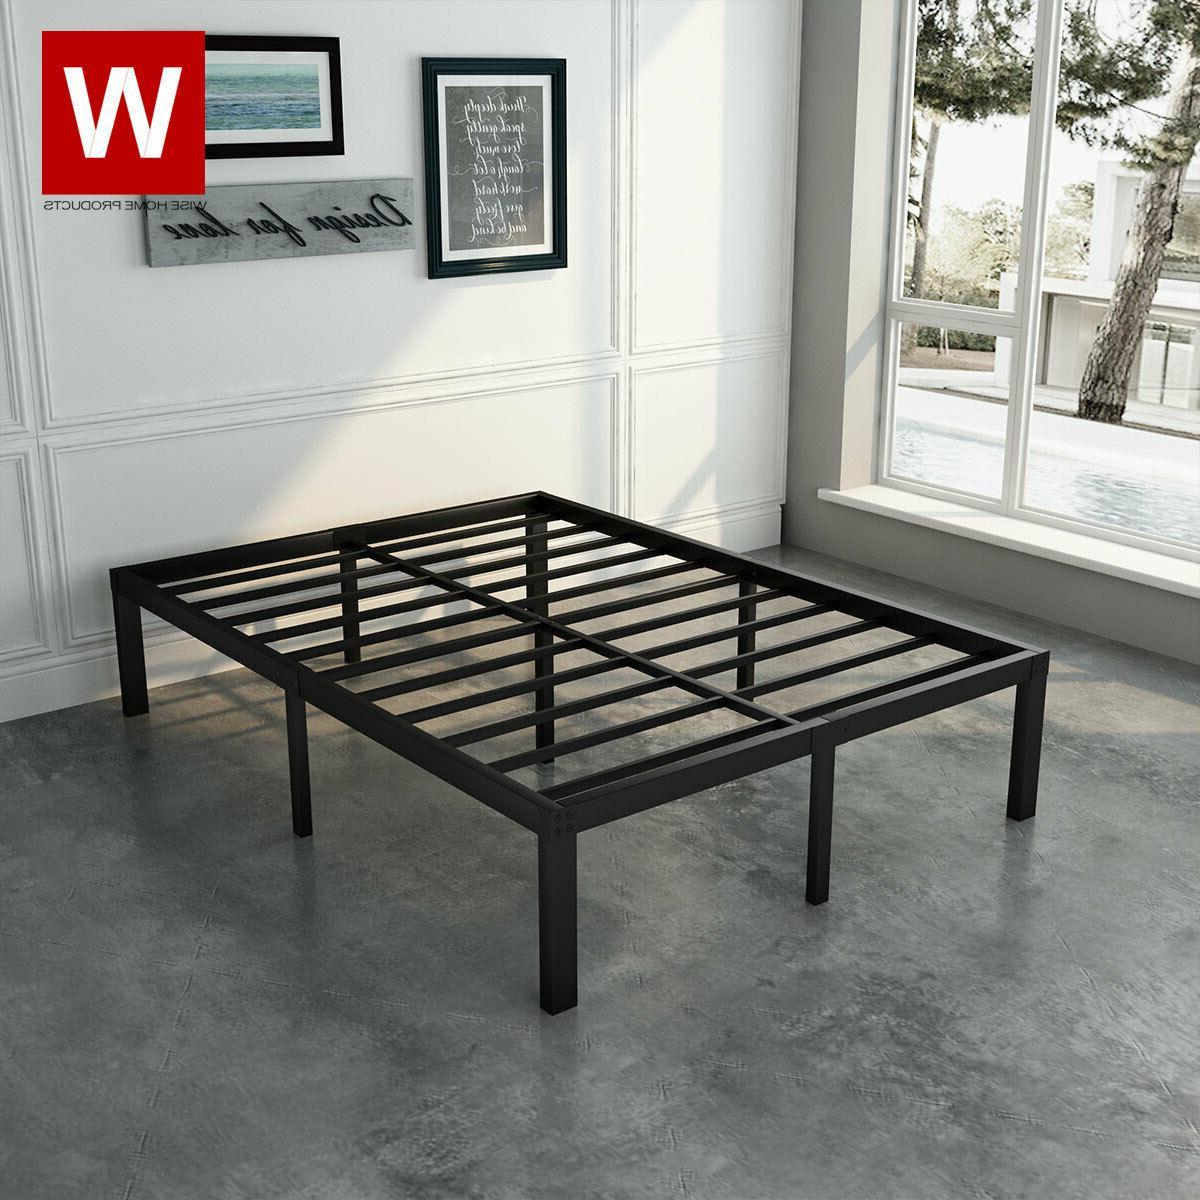 Full Bed Frame - - Height